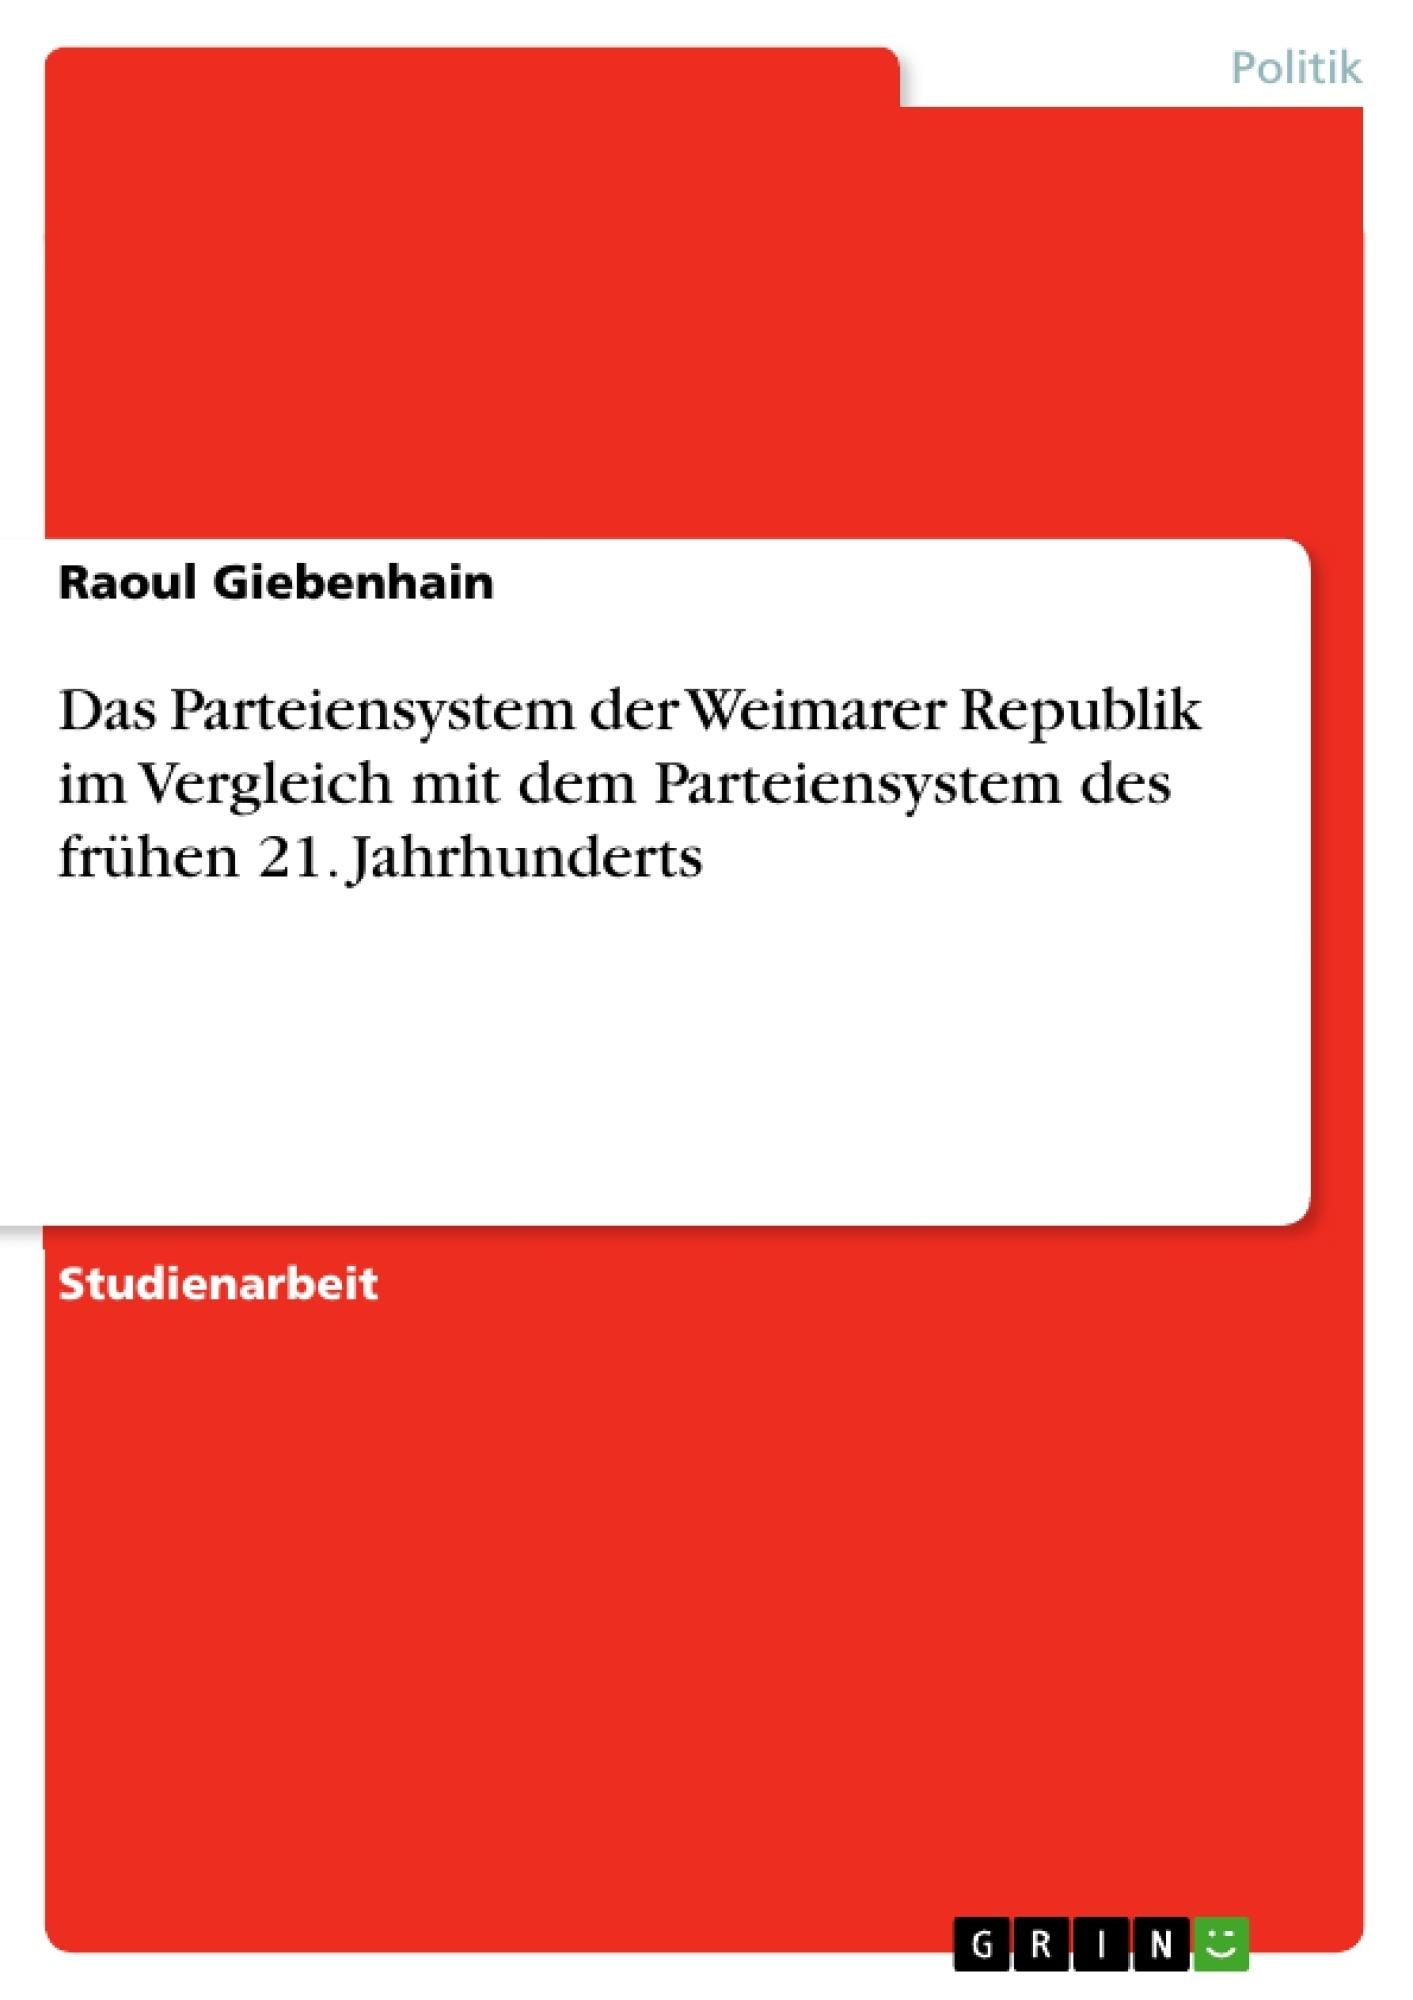 Titel: Das Parteiensystem der Weimarer Republik im Vergleich mit dem Parteiensystem des frühen 21. Jahrhunderts